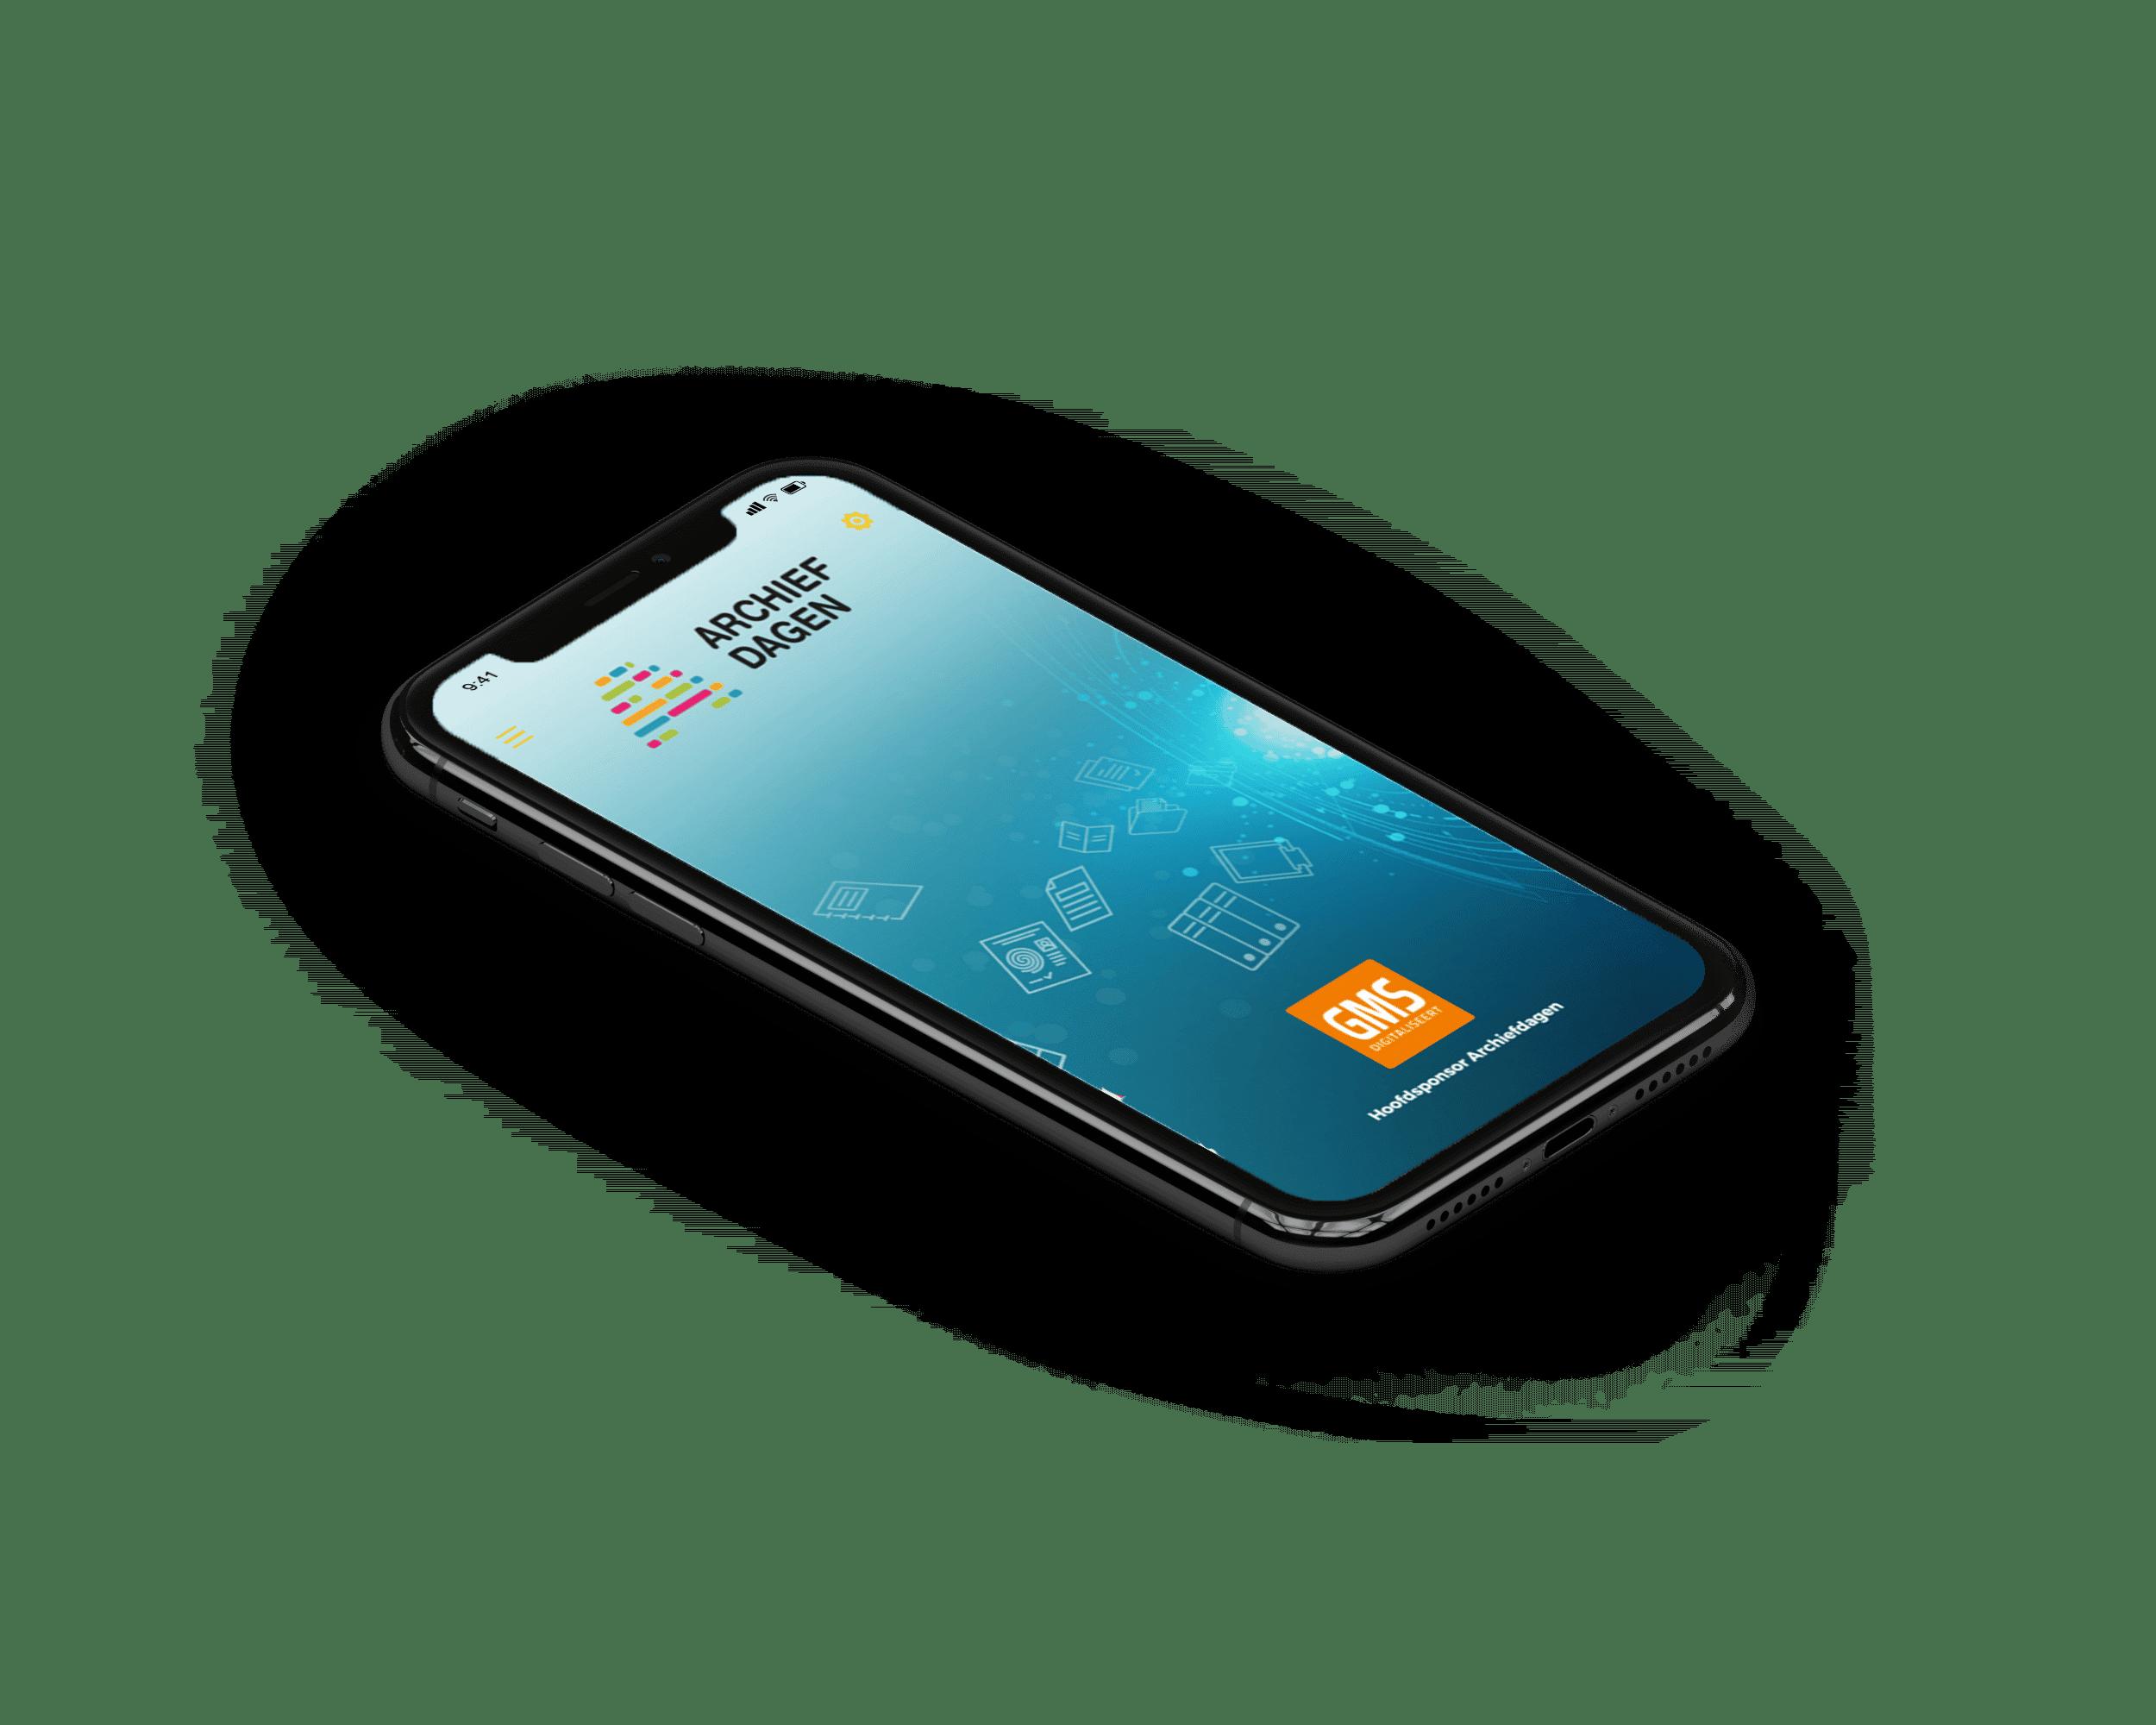 handige evenementen app voor mobiel ios en android